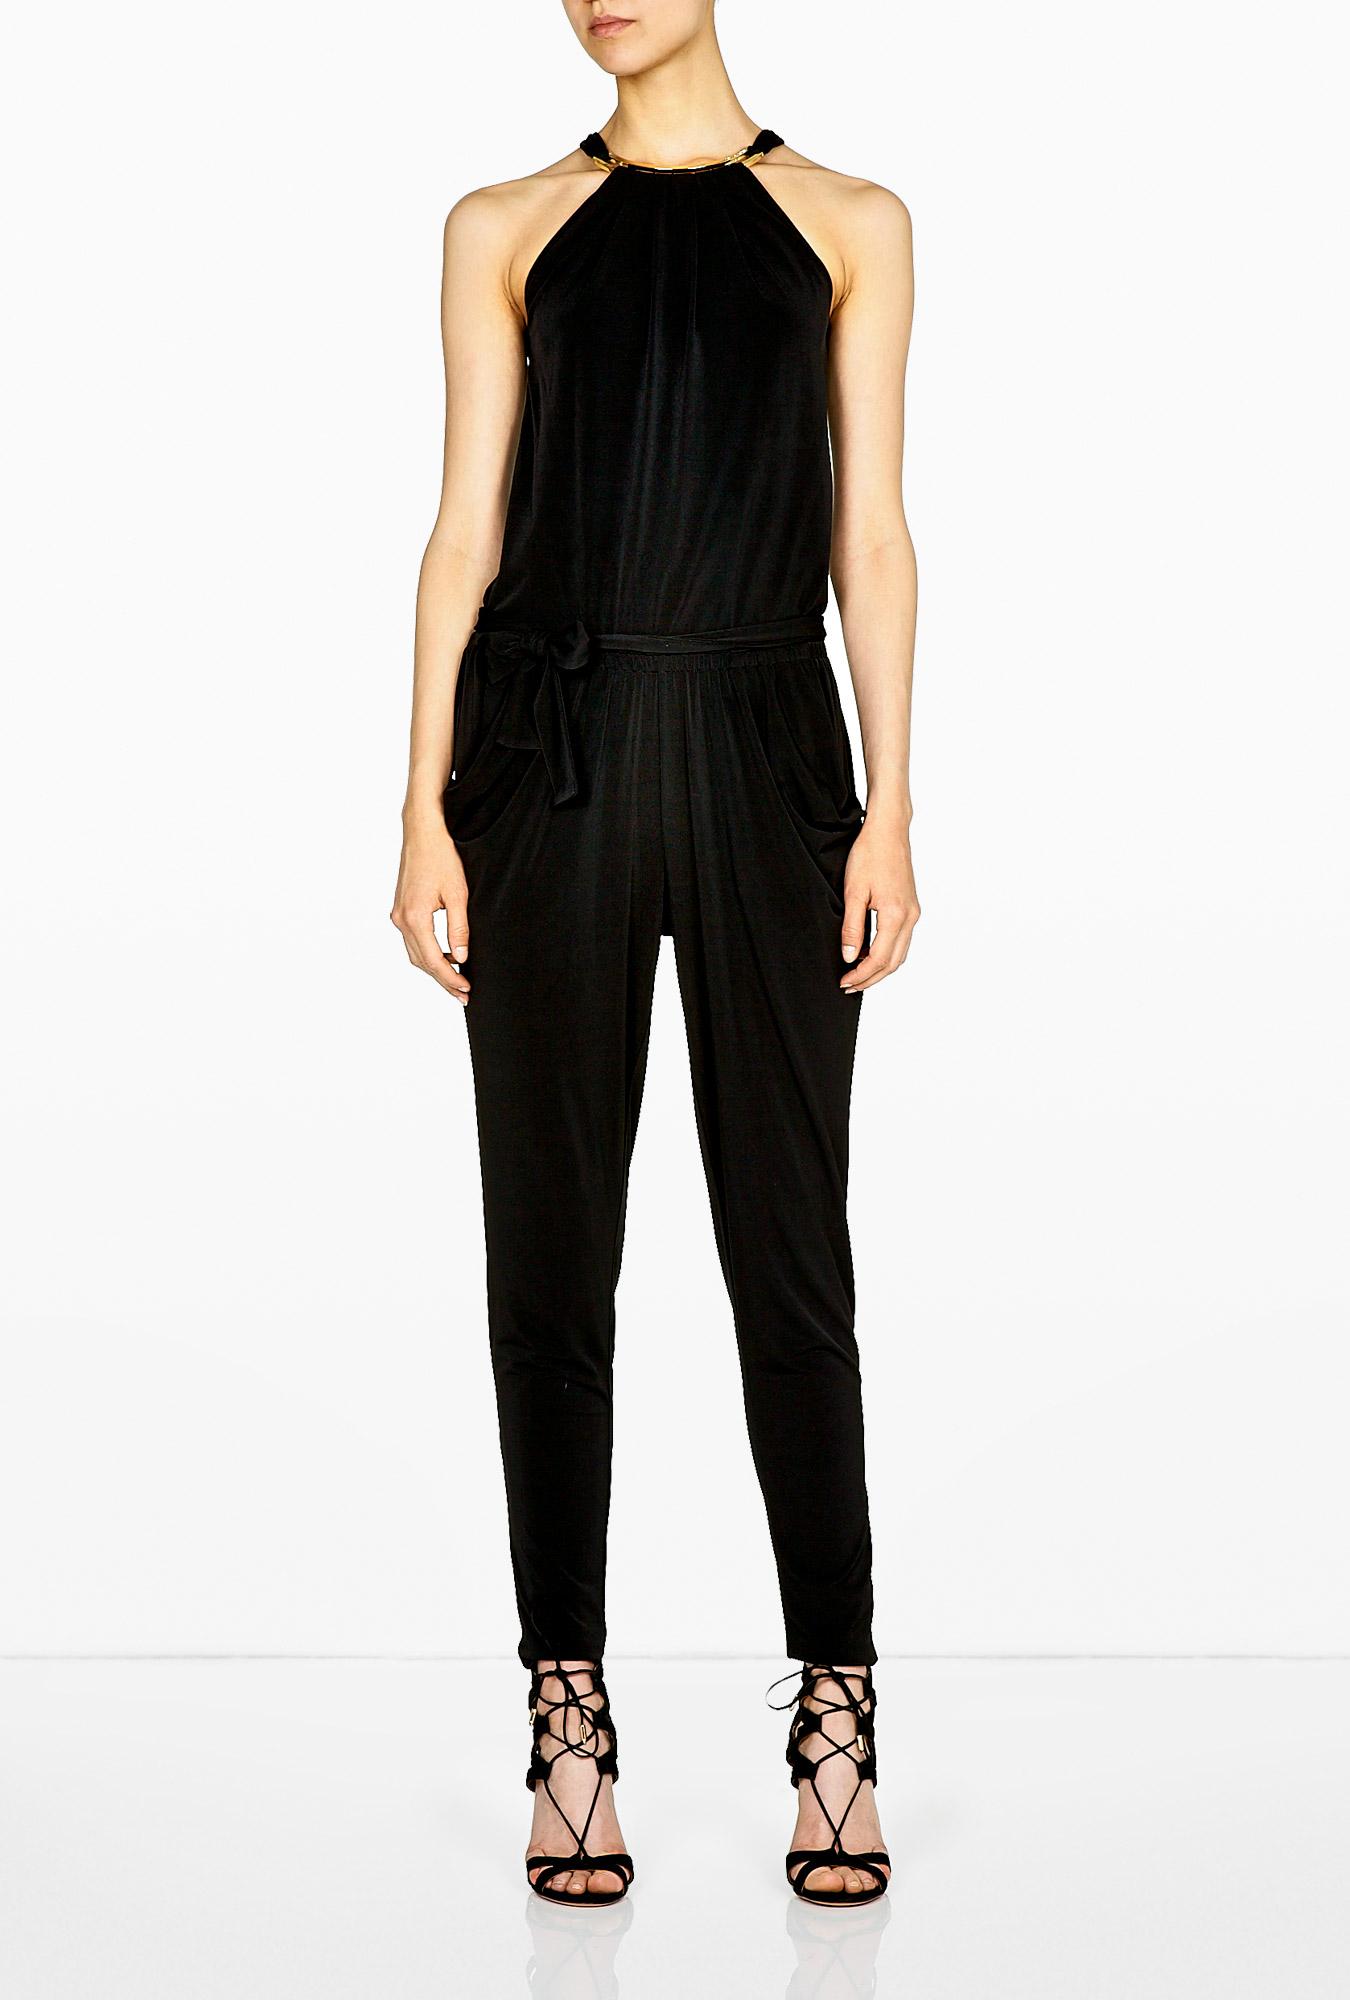 michael michael kors mj plate halterneck jumpsuit in black lyst. Black Bedroom Furniture Sets. Home Design Ideas